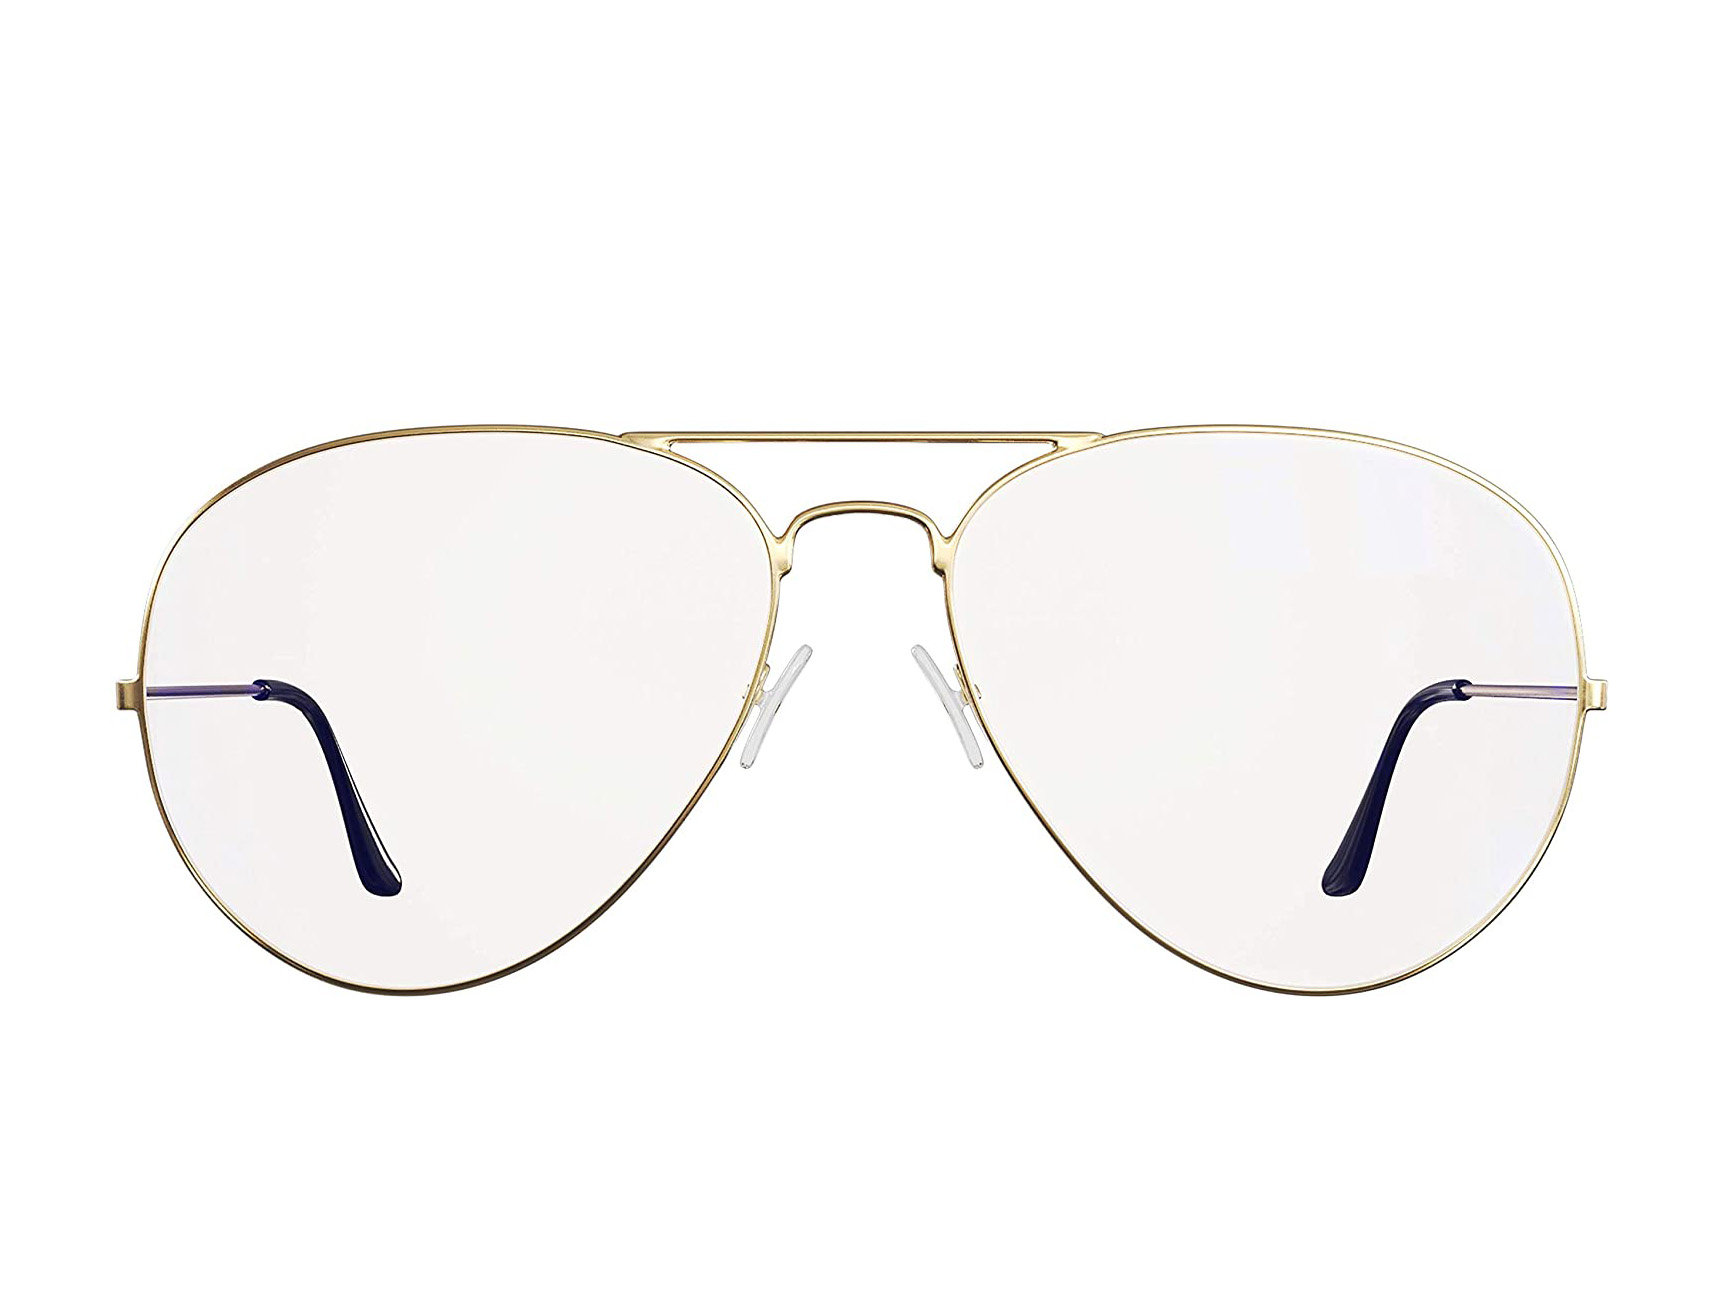 Best Blue Light Glasses - Swanwick Aviator Glasses